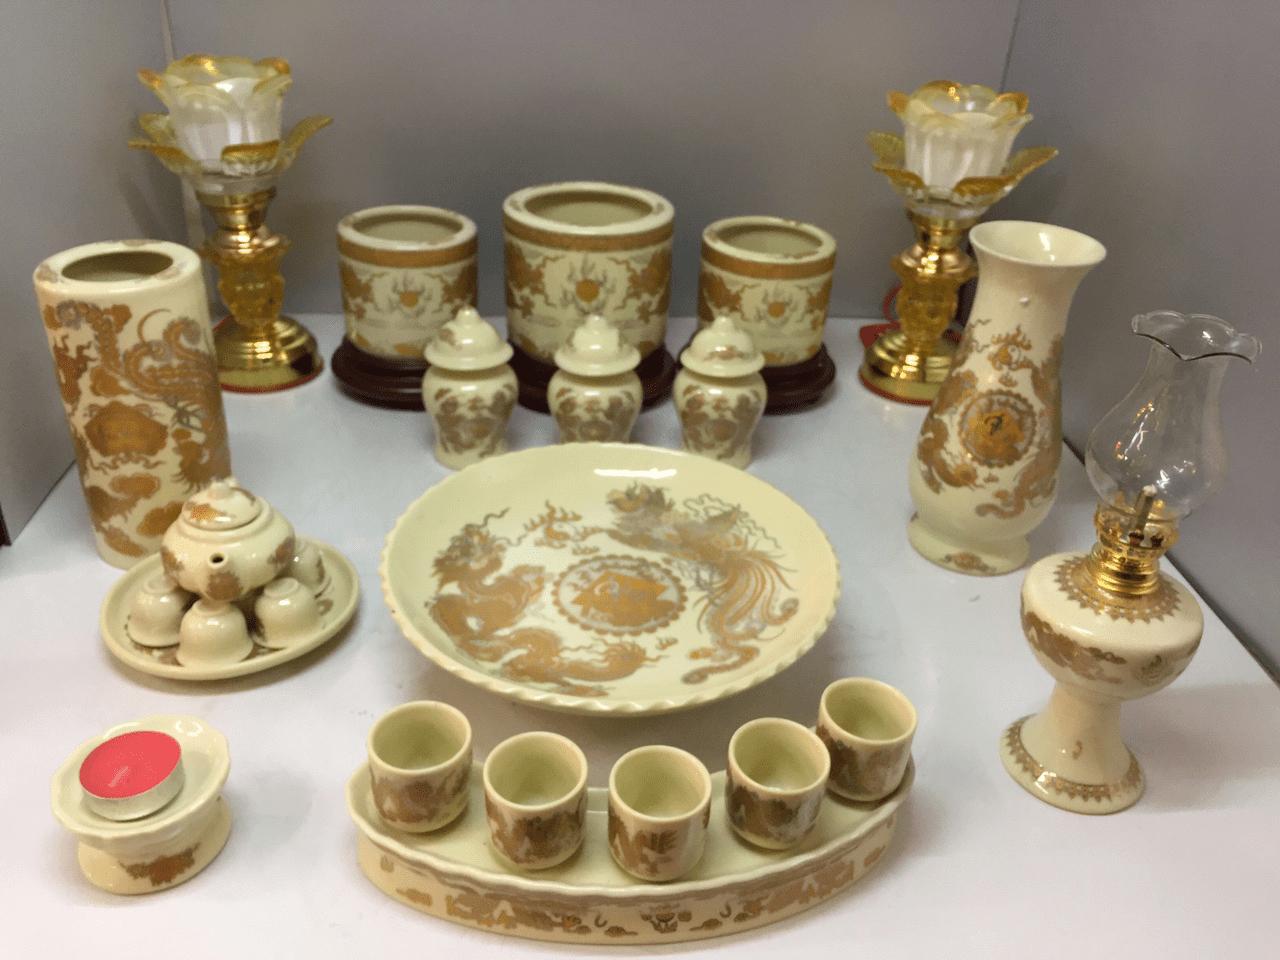 vệ sinh bàn thờ sạch sẽ tránh làm bát hương bị rụng tàn